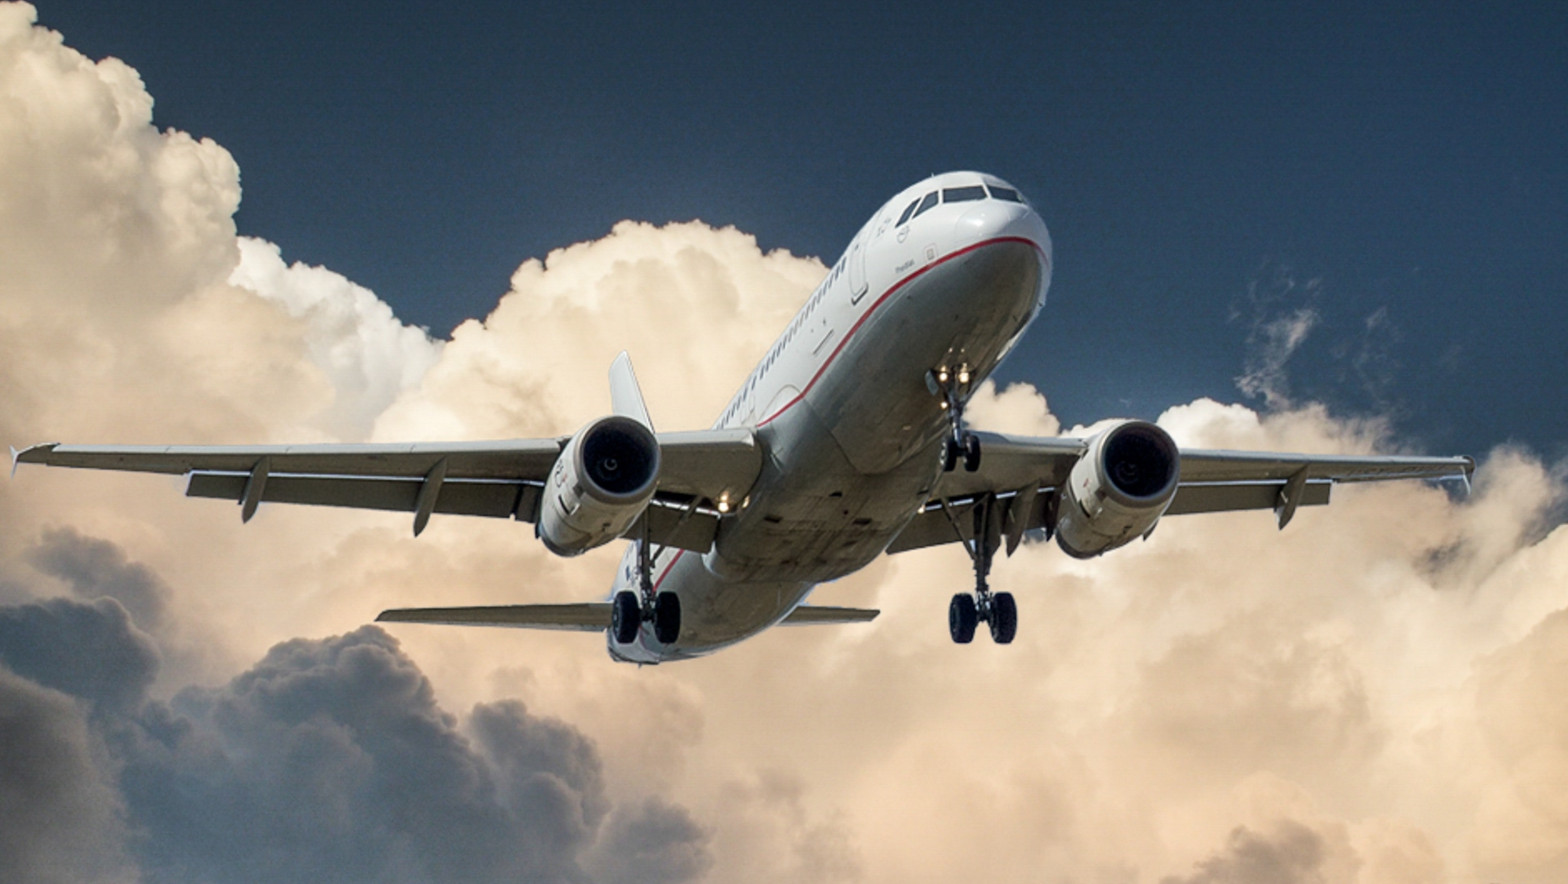 La cifra pasajeros de avión se desplomó un 73,9% en enero por la pandemia